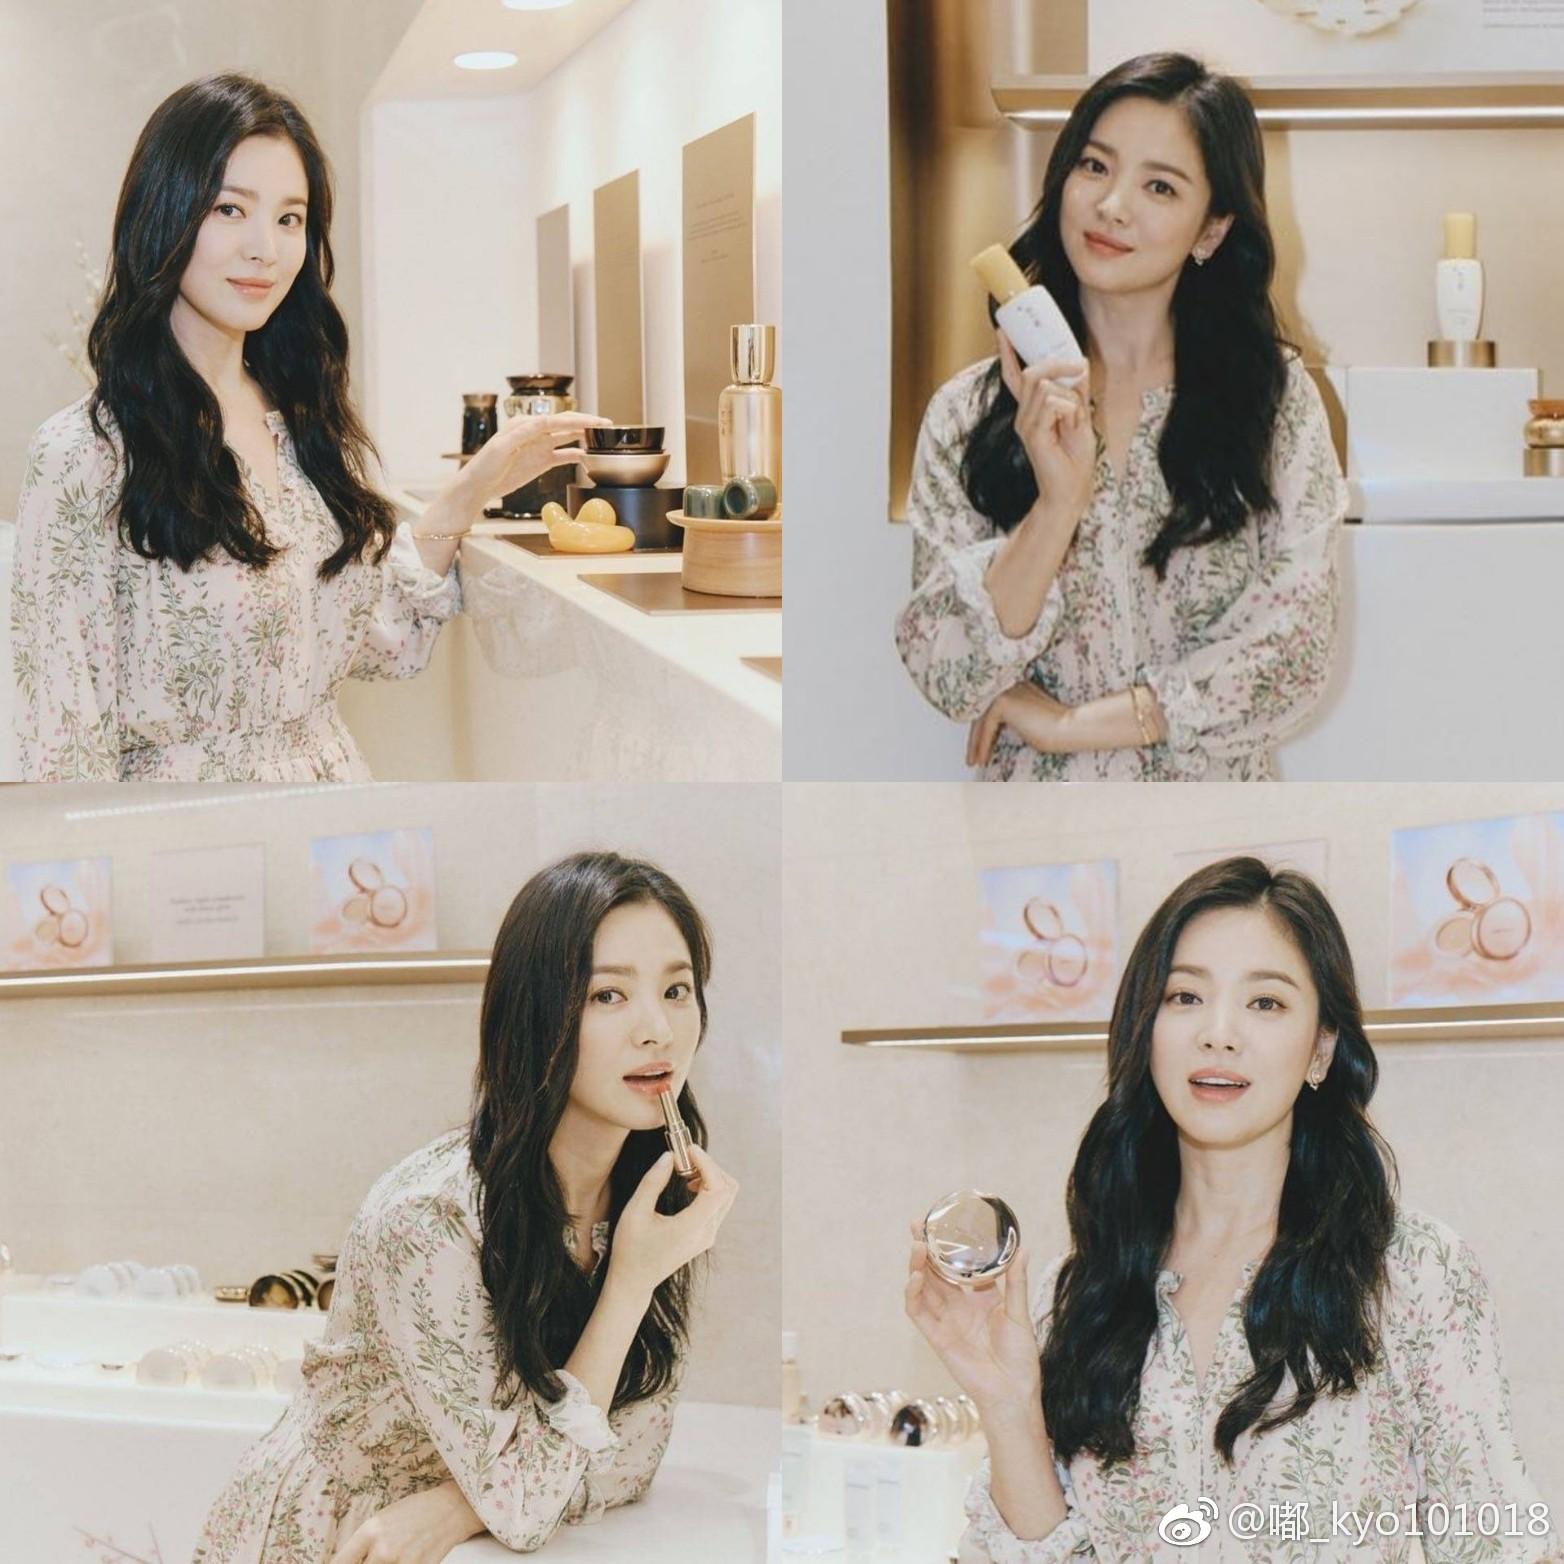 Kín đáo mà vẫn đẳng cấp đúng chuẩn minh tinh, bảo sao Song Hye Kyo cứ dự sự kiện là dân tình lại phải trầm trồ - Ảnh 1.